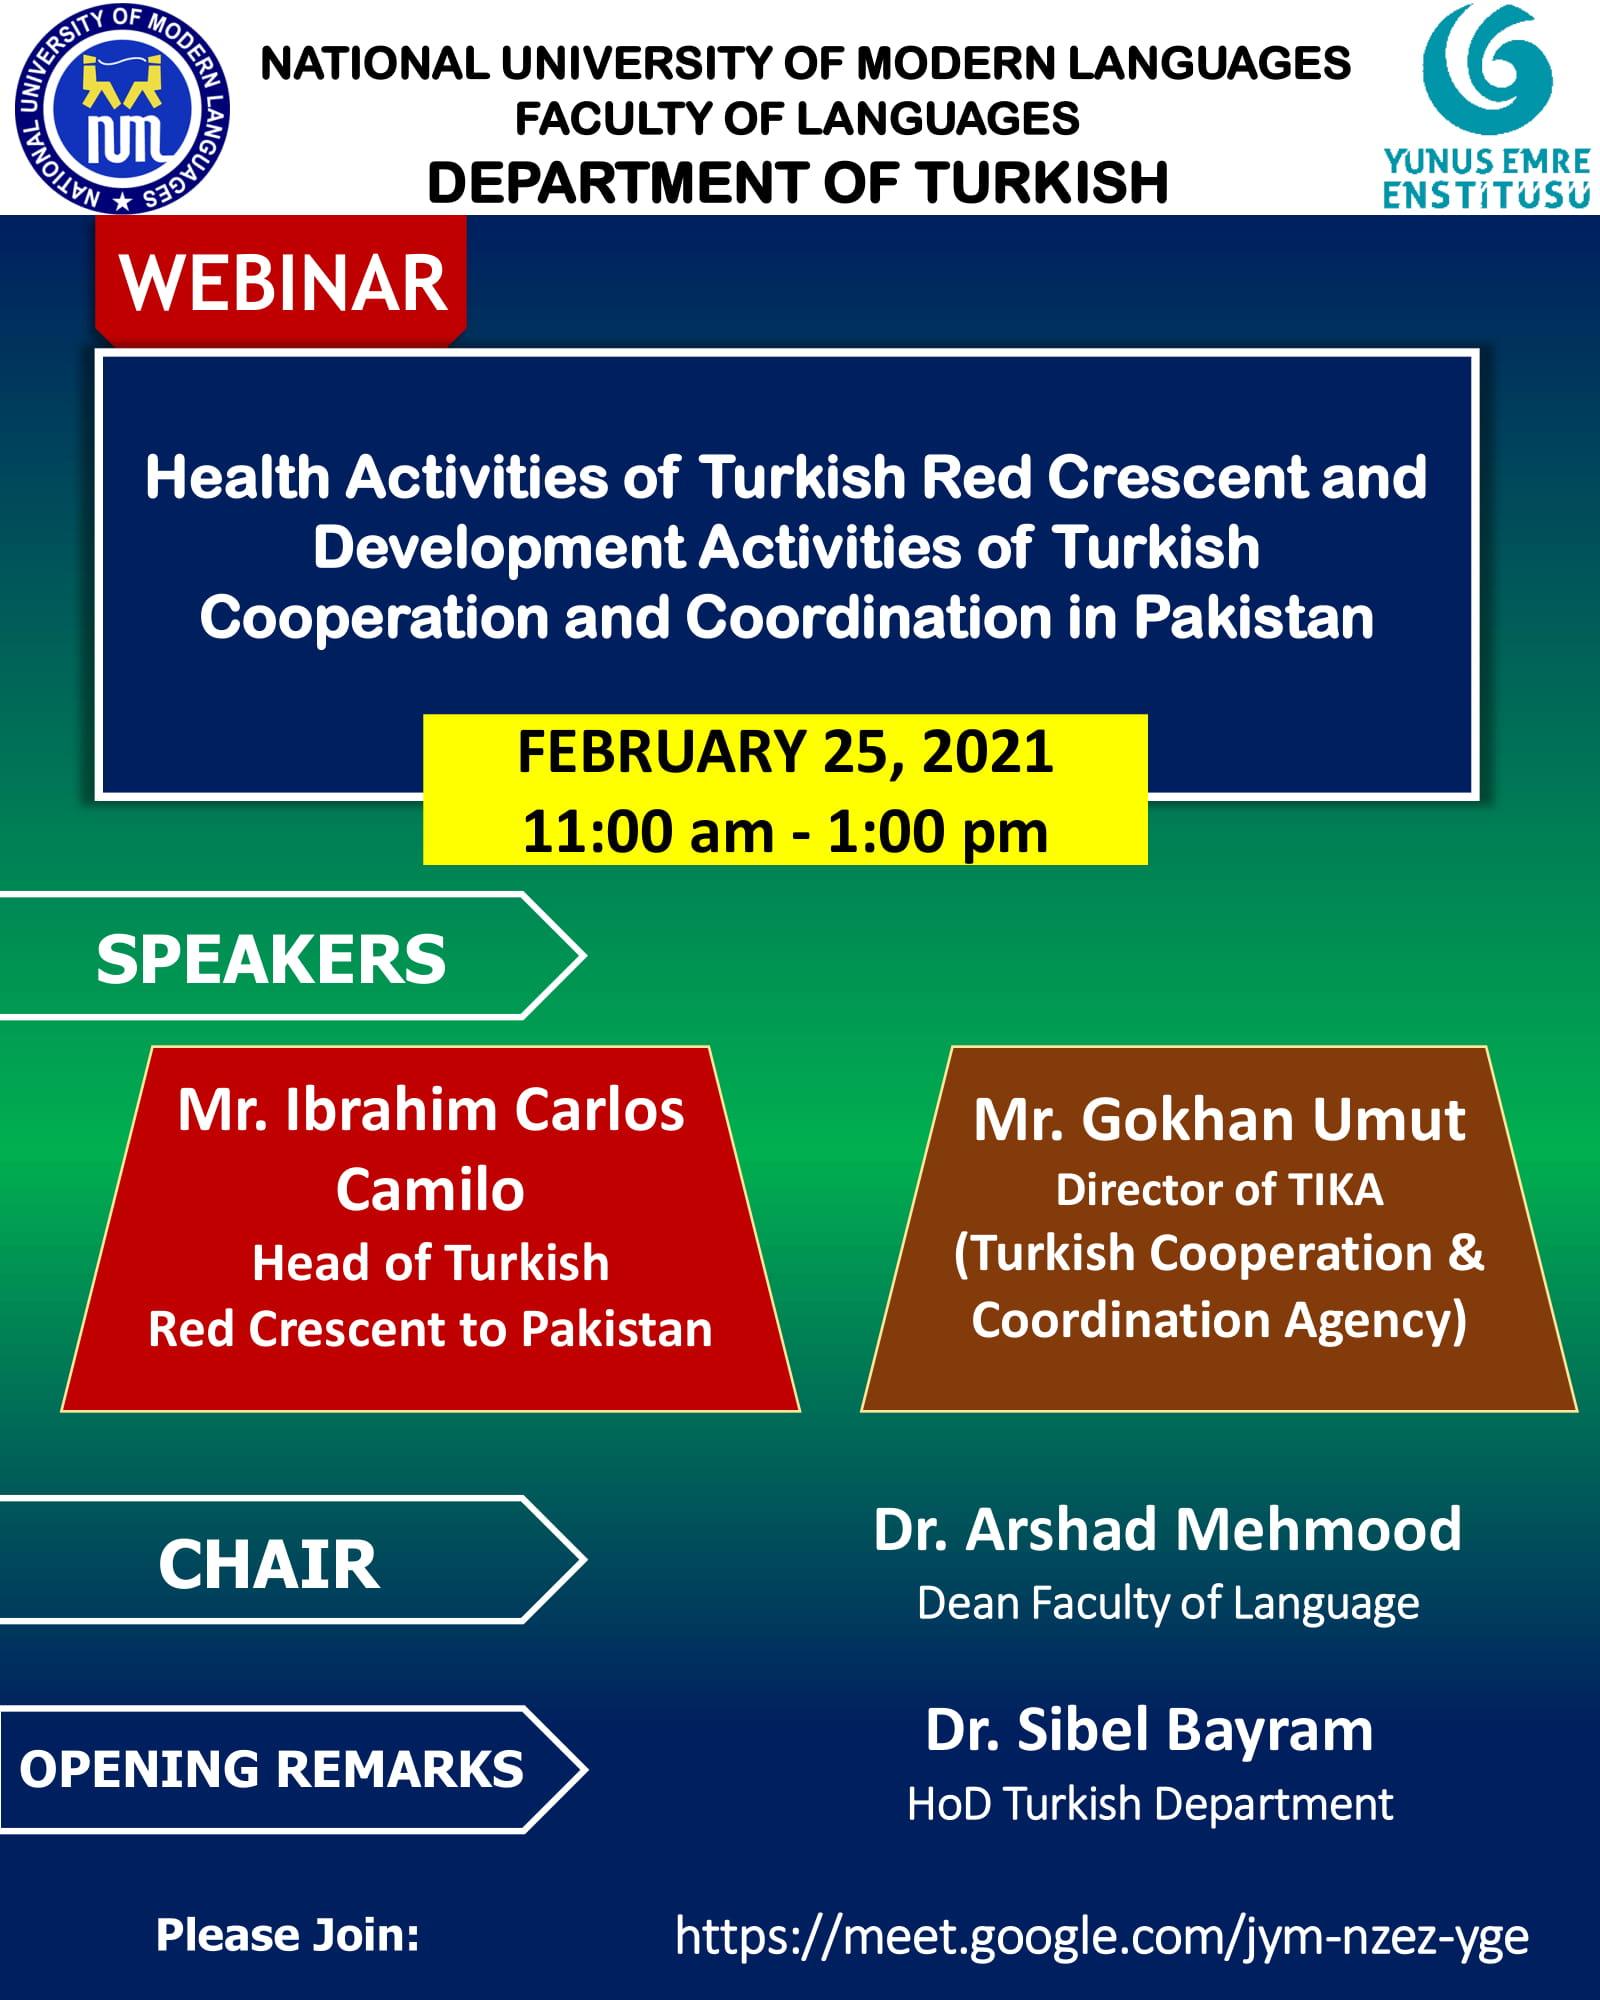 Webinar: Health Activities of Turkish Red Crescent and Development Activities of Turkish Cooperation and Coordination in Pakistan